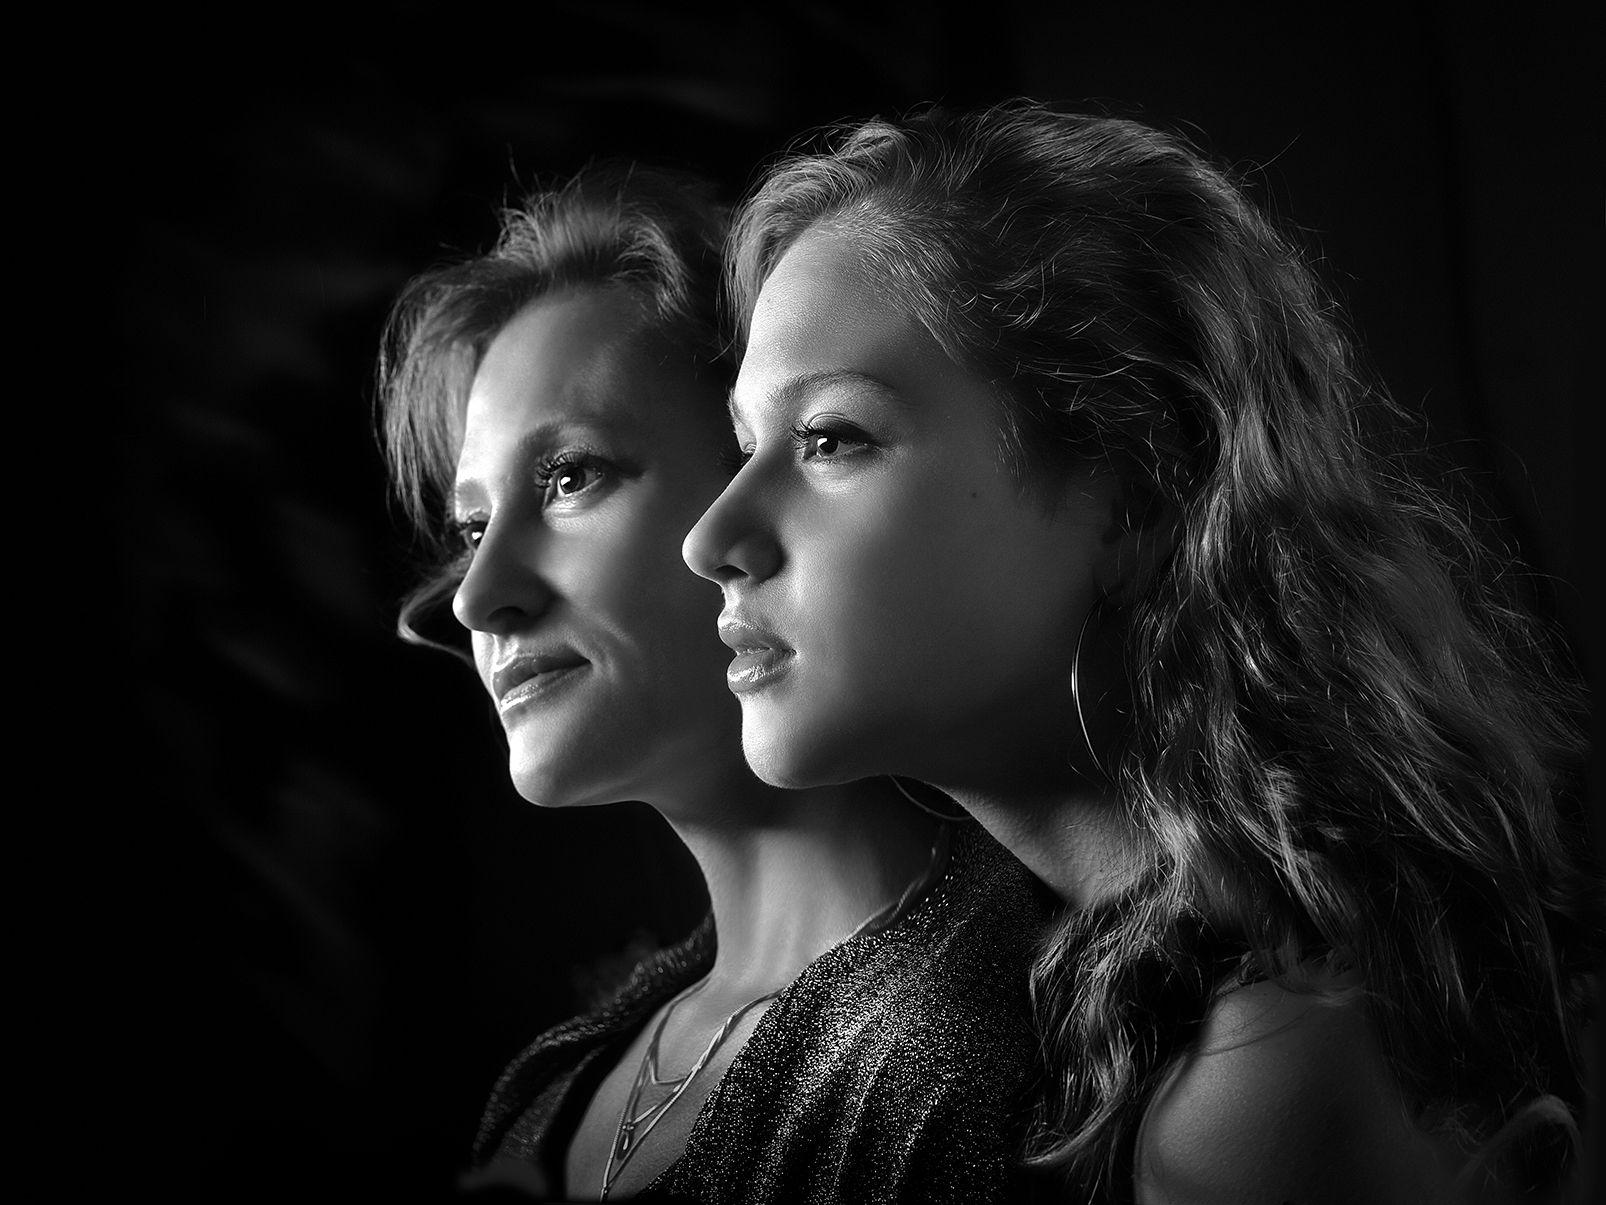 Двойной портрет....2. портрет образ взгляд девушка